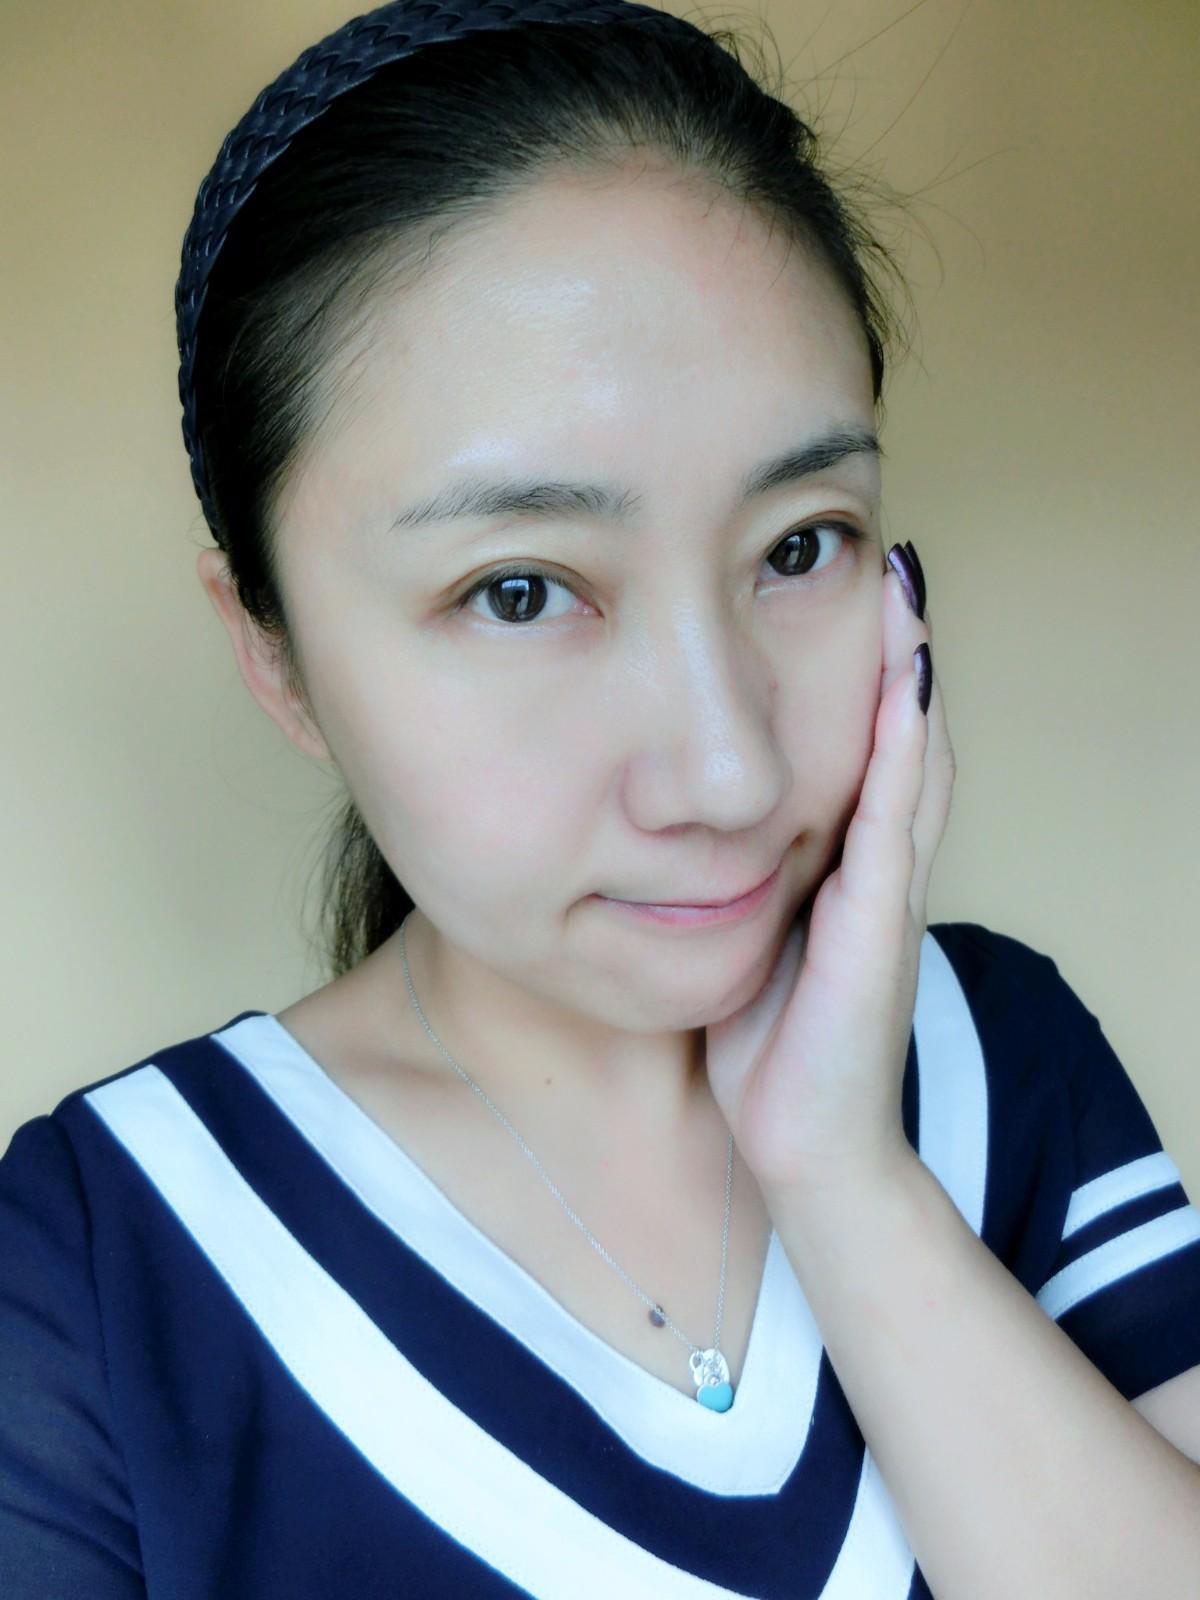 CIMG9604_副本_副本.jpg